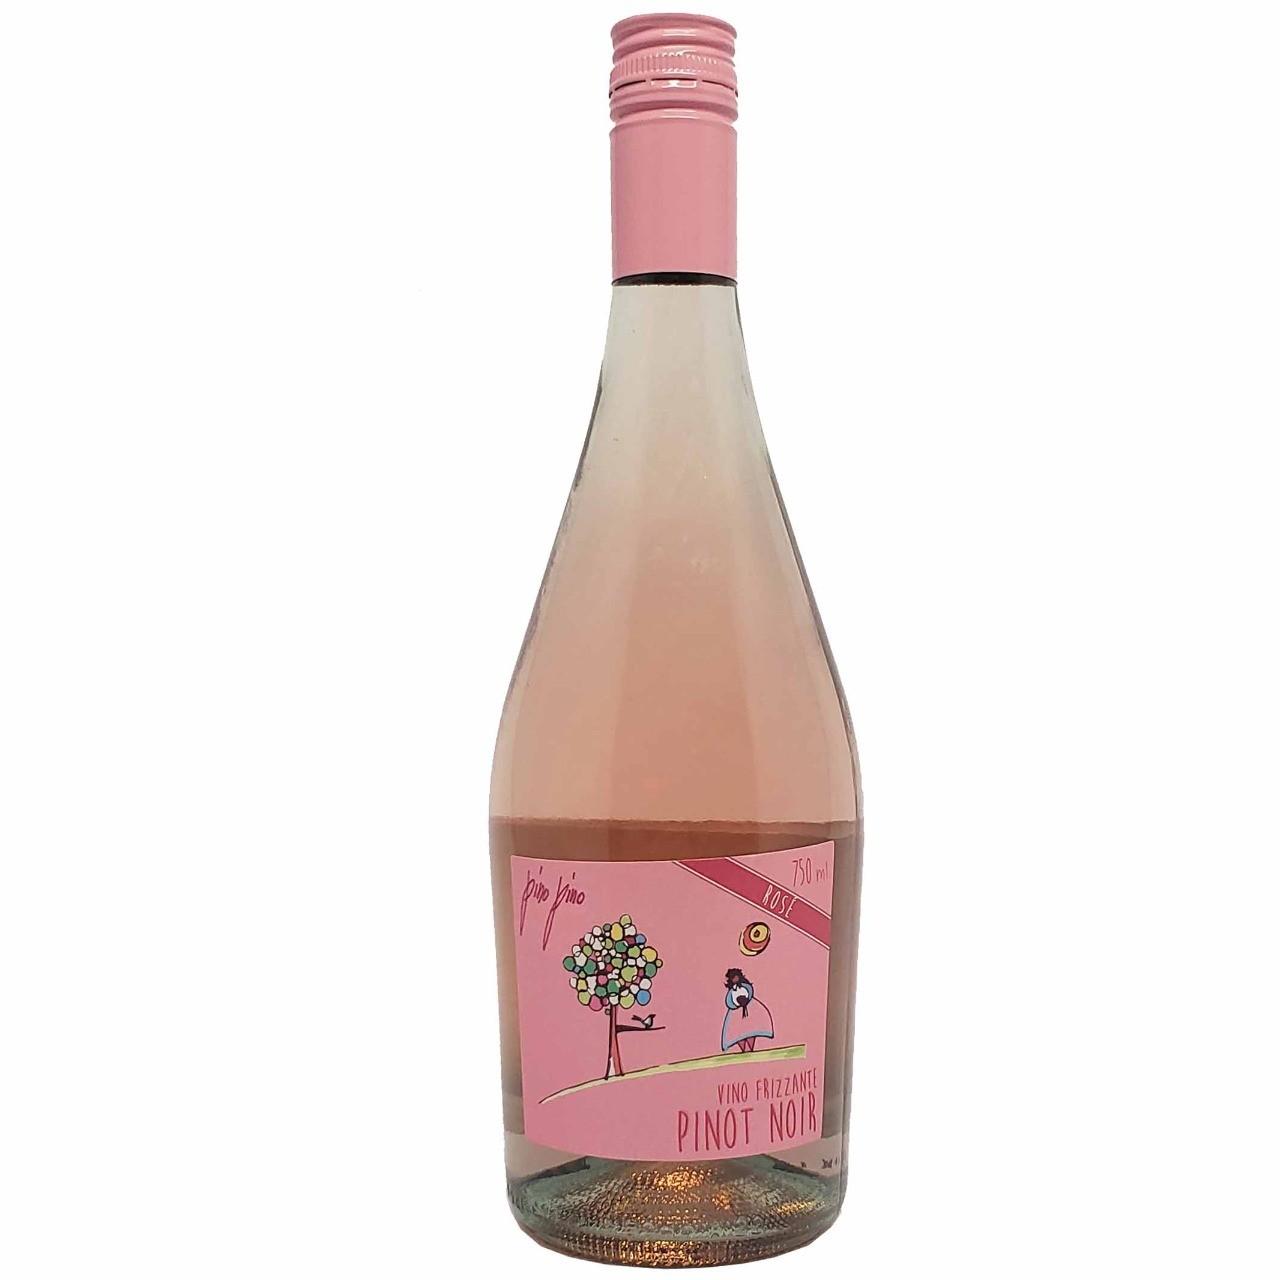 Vinho Frisante Rosé Pino Pino Pinot Noir  - 750ml -